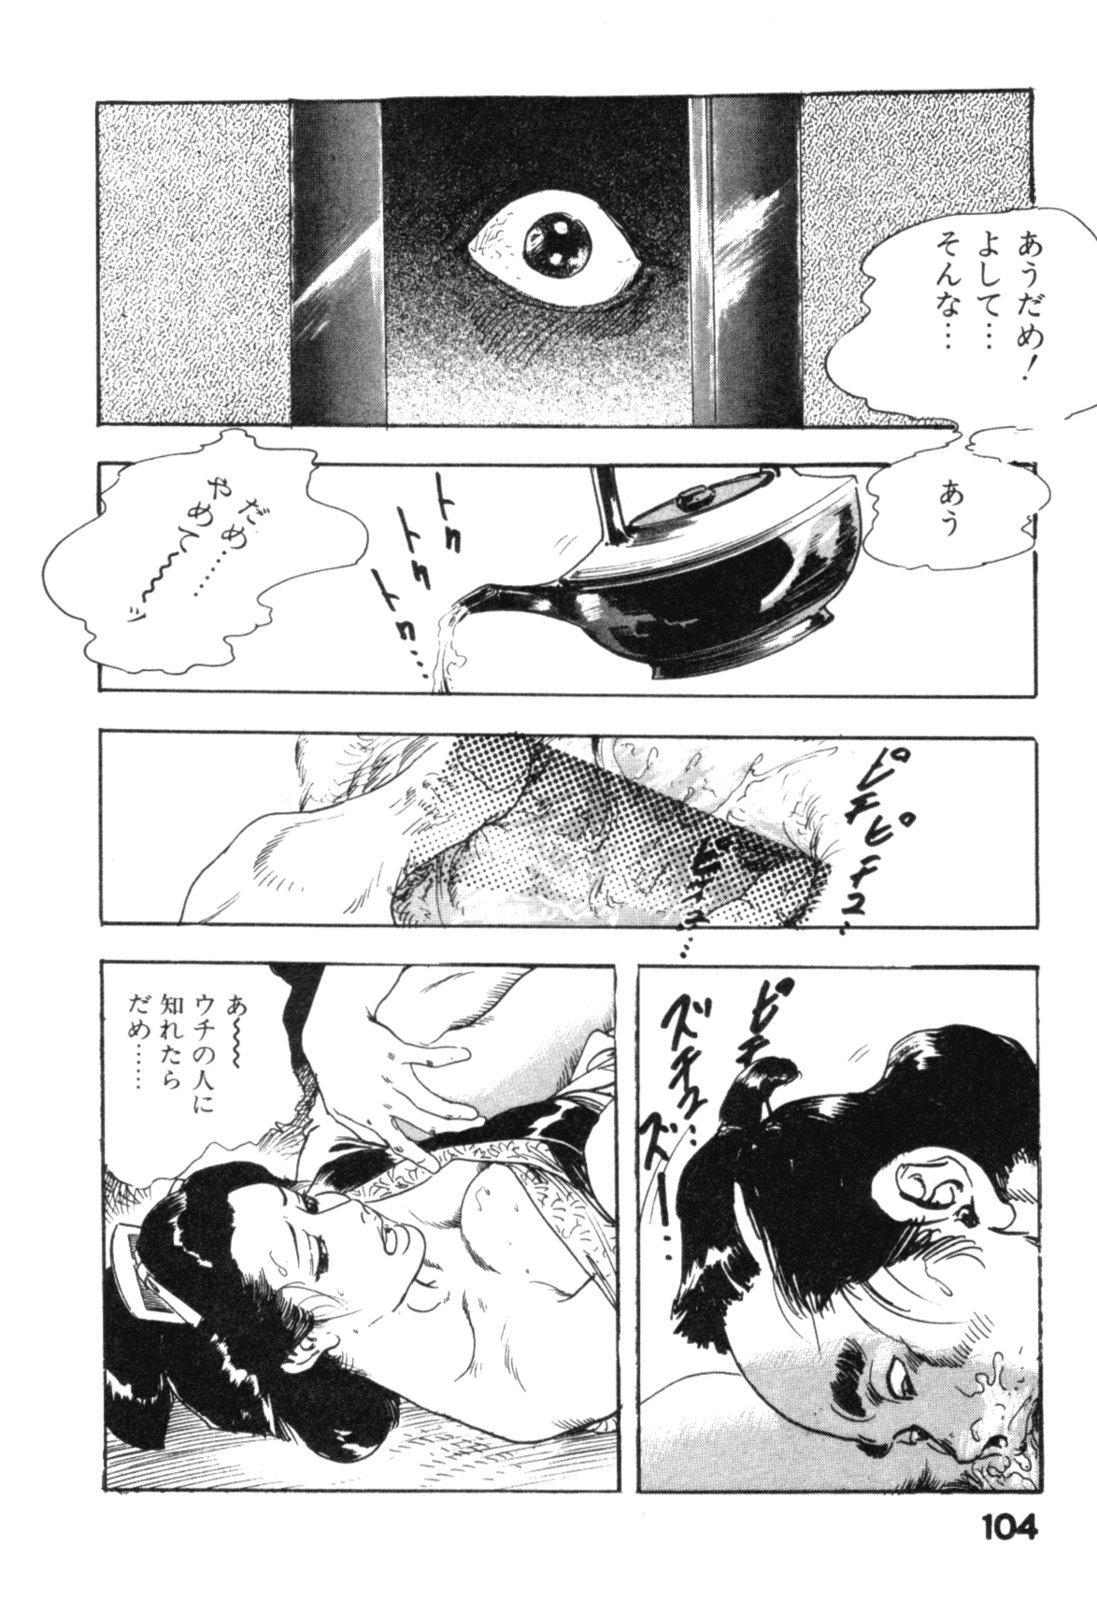 Jidaigeki Series 2 ~ Midare Kannon 106